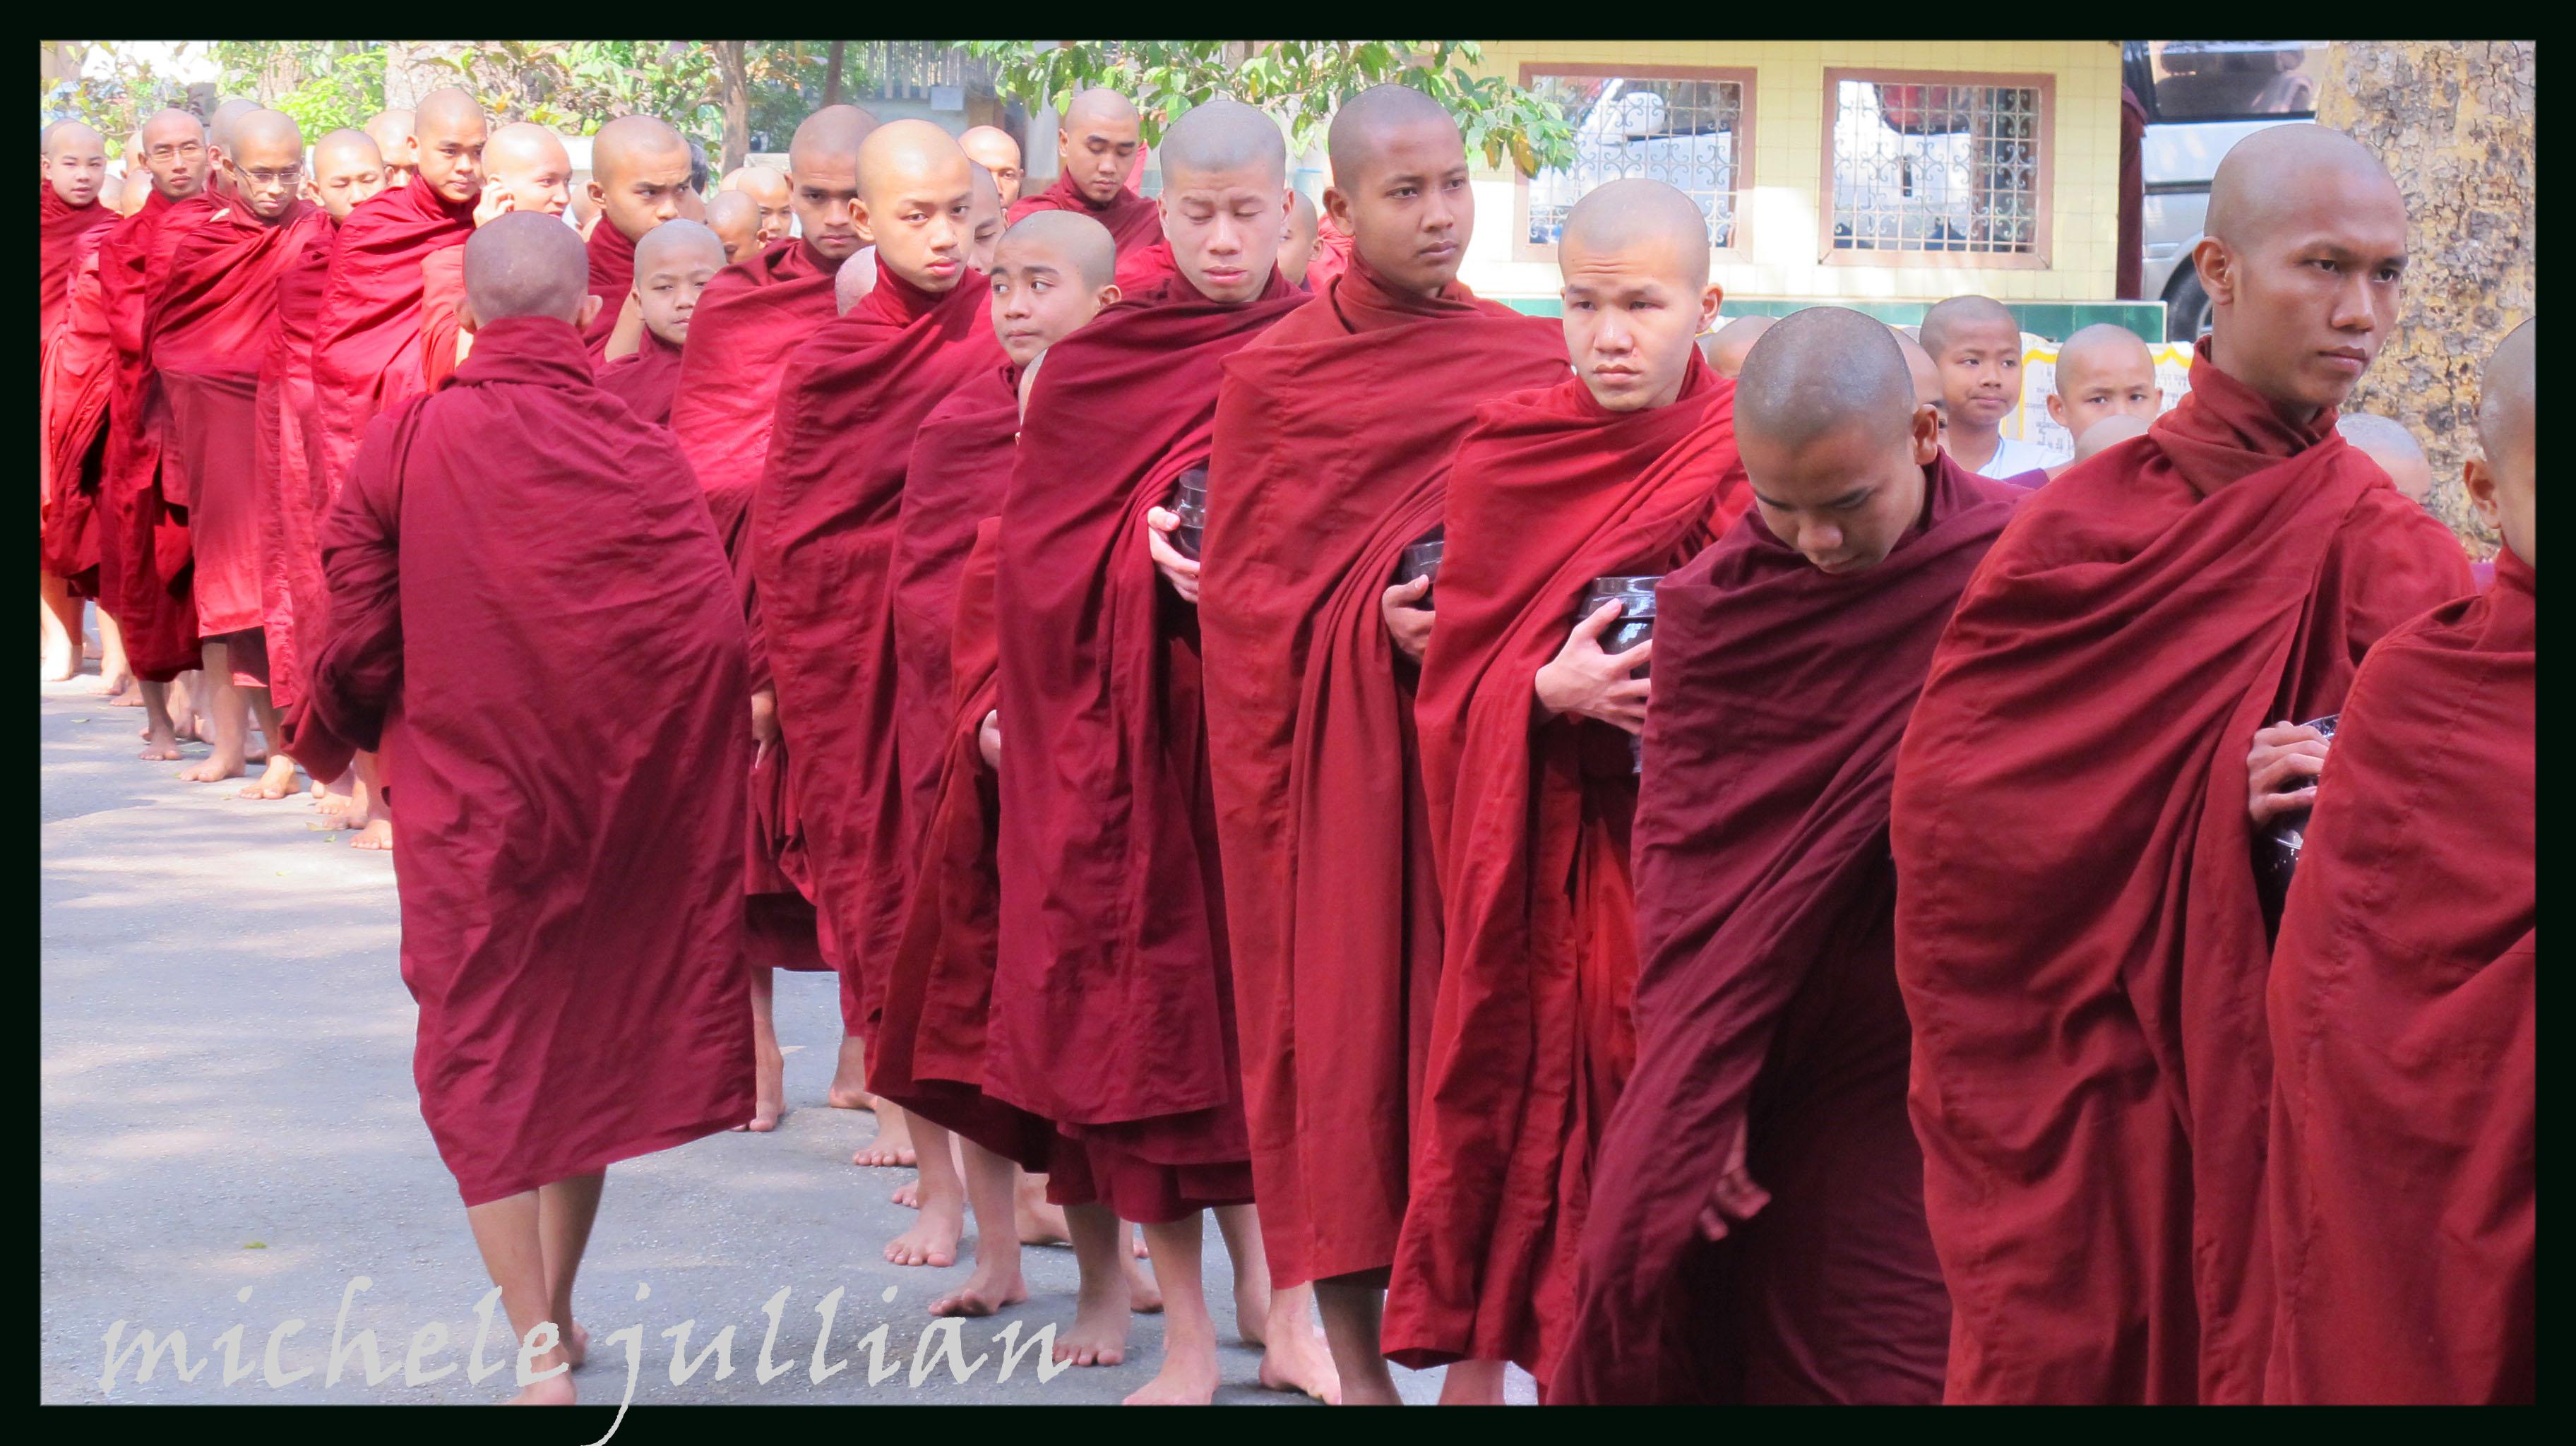 un moine chrétien rencontre des moines bouddhistes